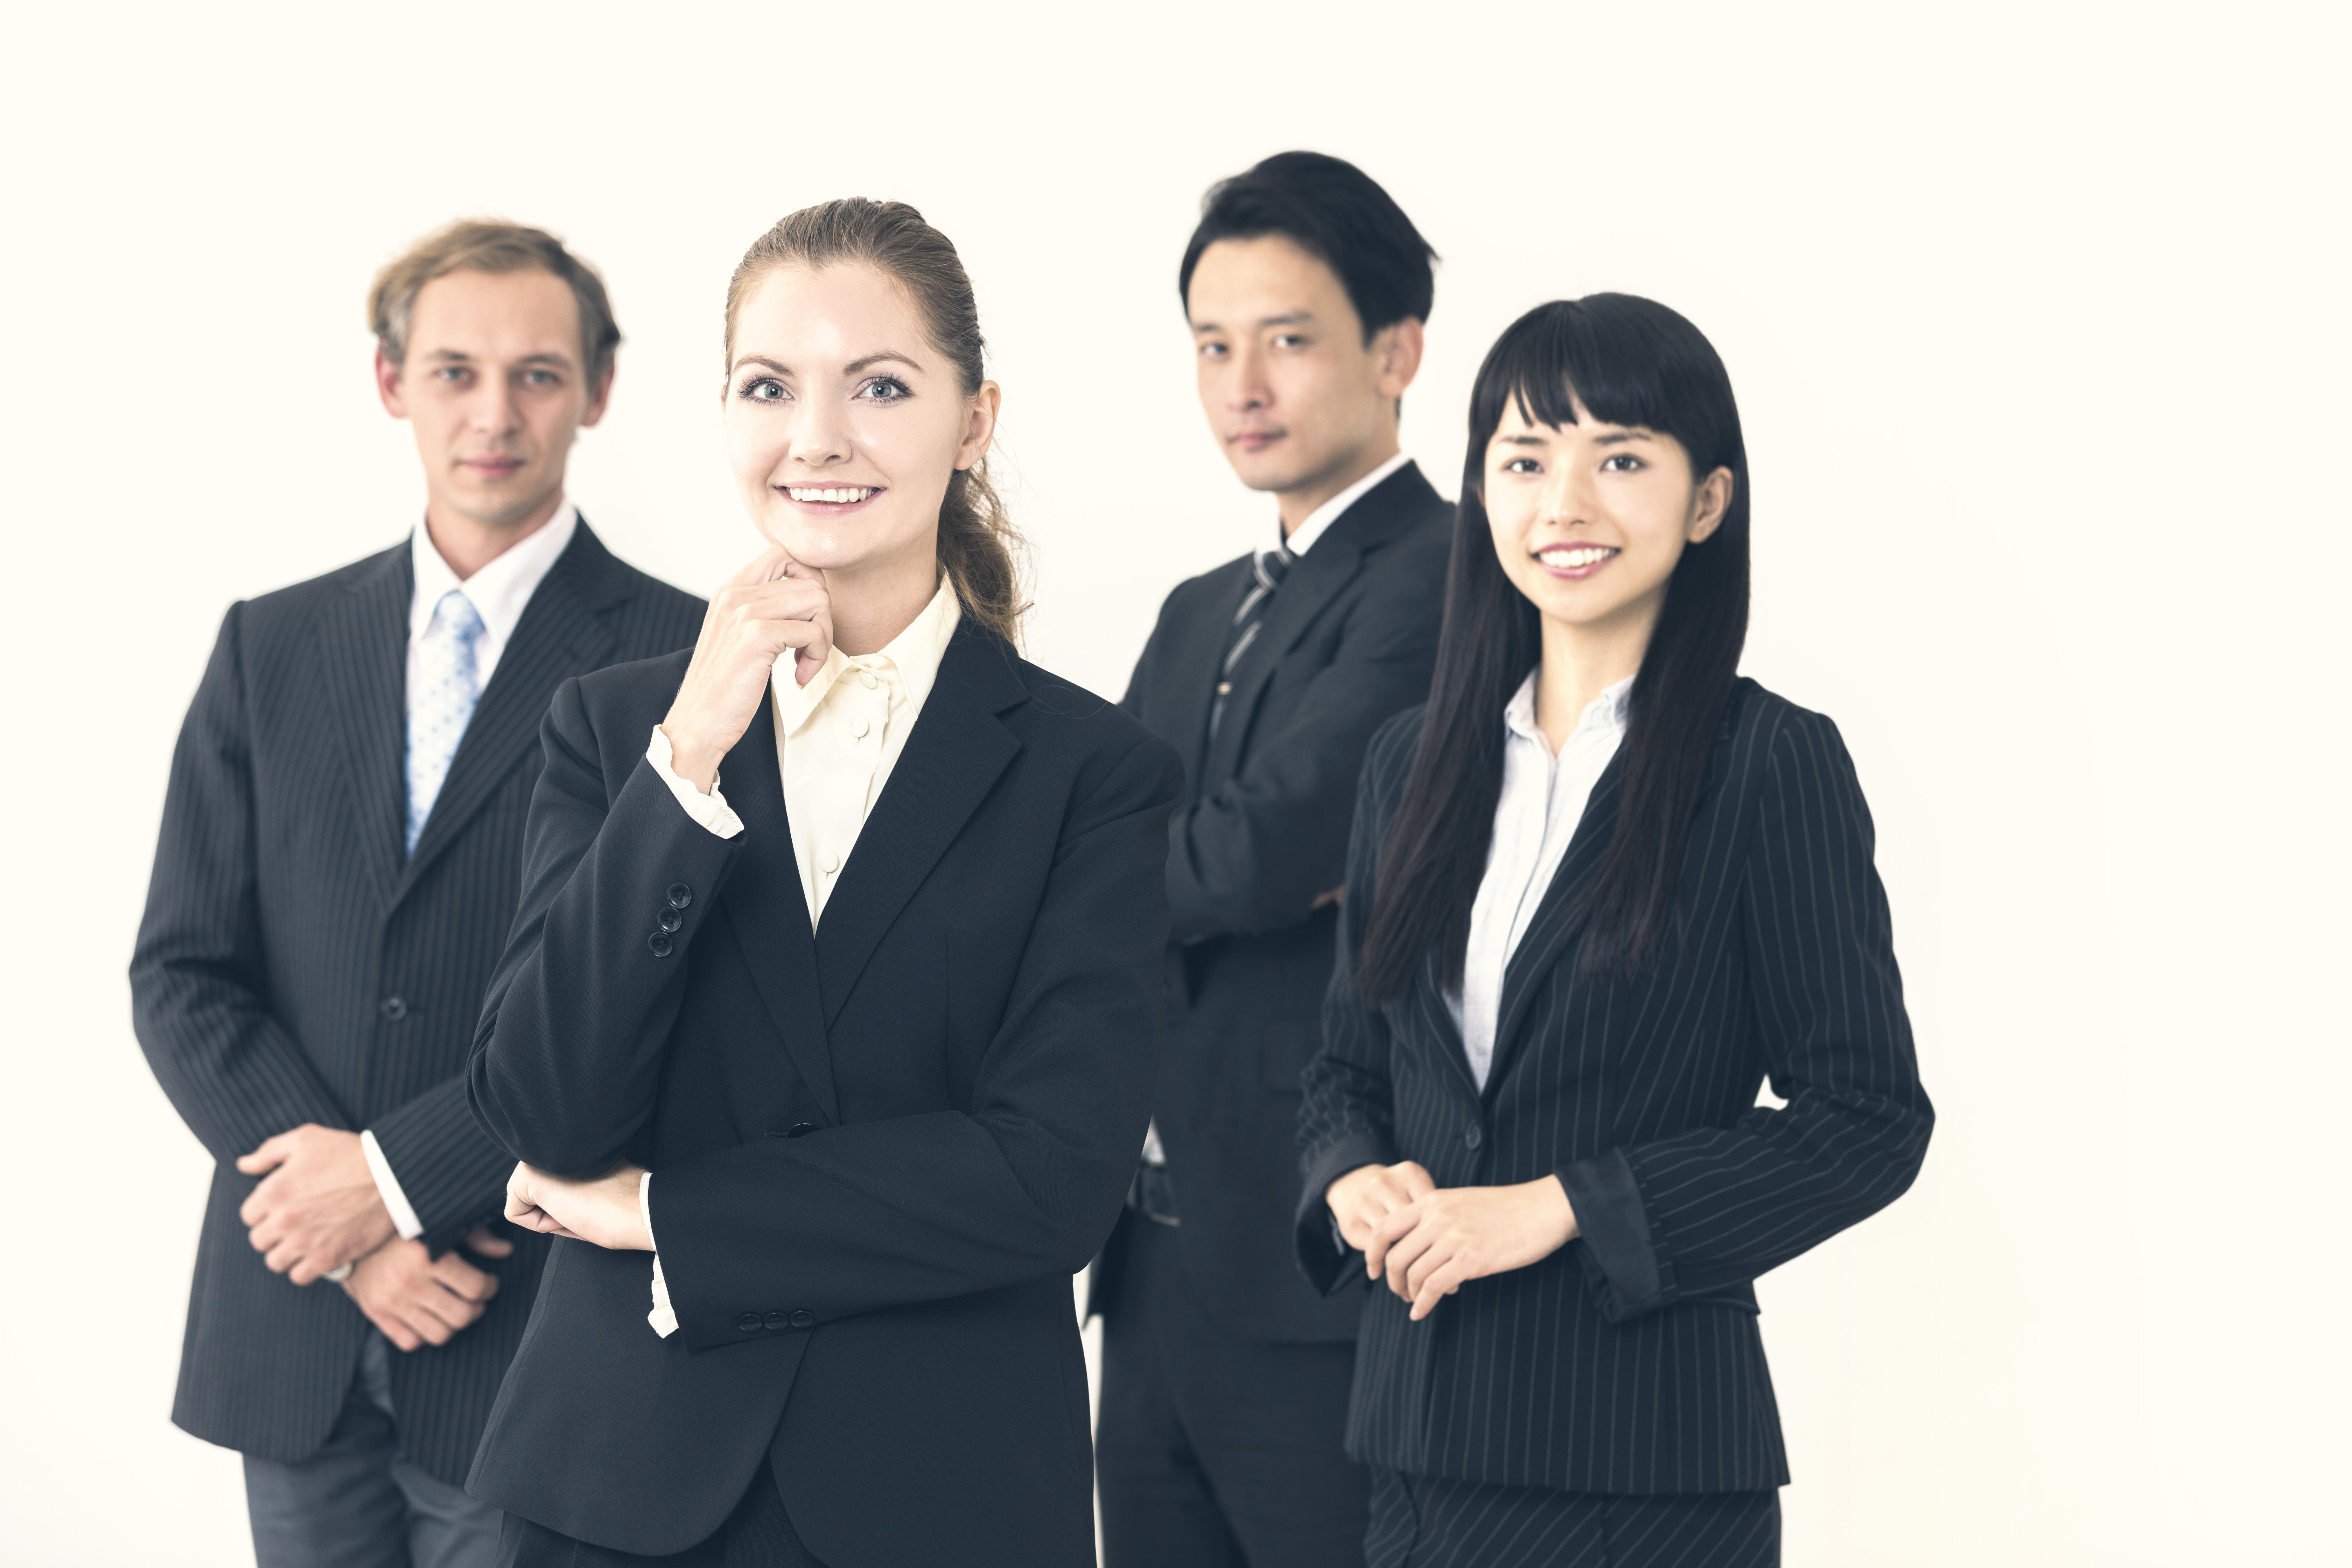 Leasing-ul de personal, o solutie tot mai atractiva pentru companii